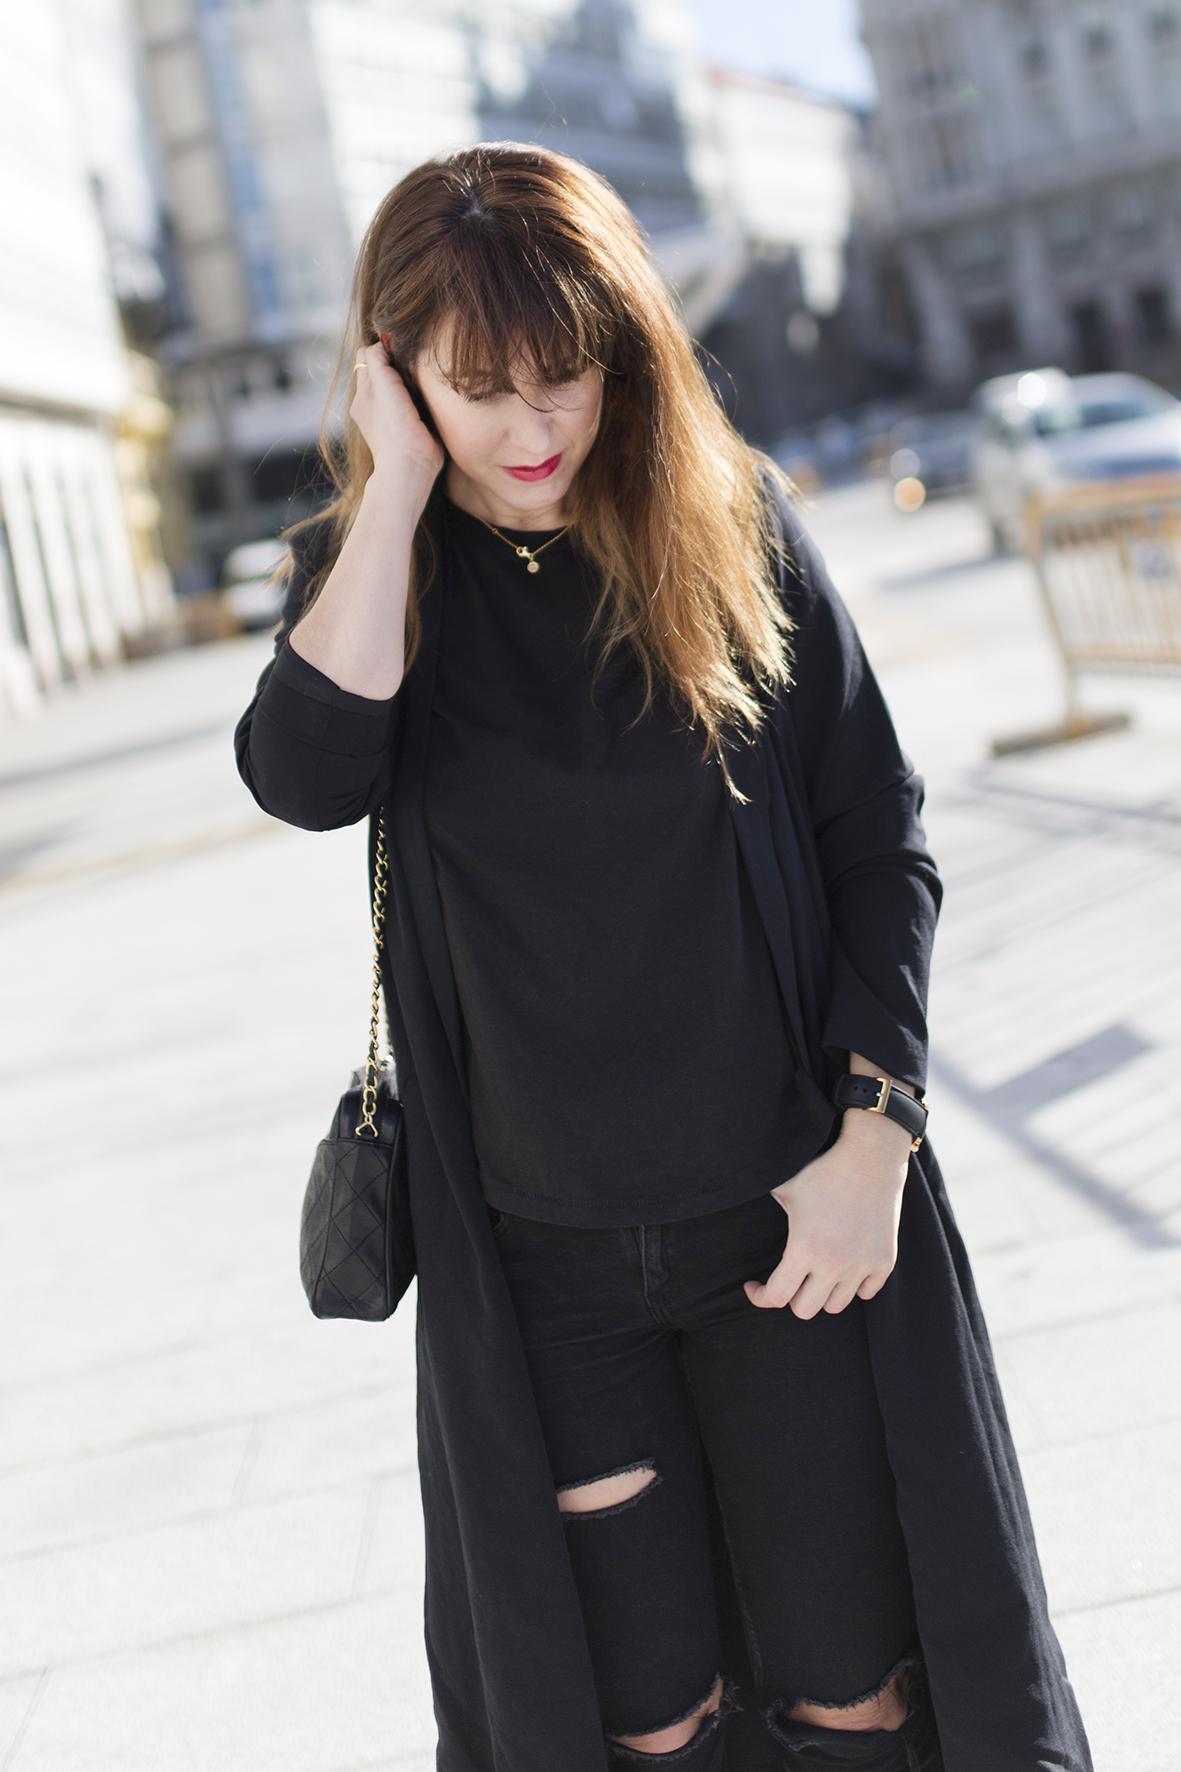 streetstyle- Coruña- blogger-Black-chanel bag-Vintage Chanel-Black look-American Vintage